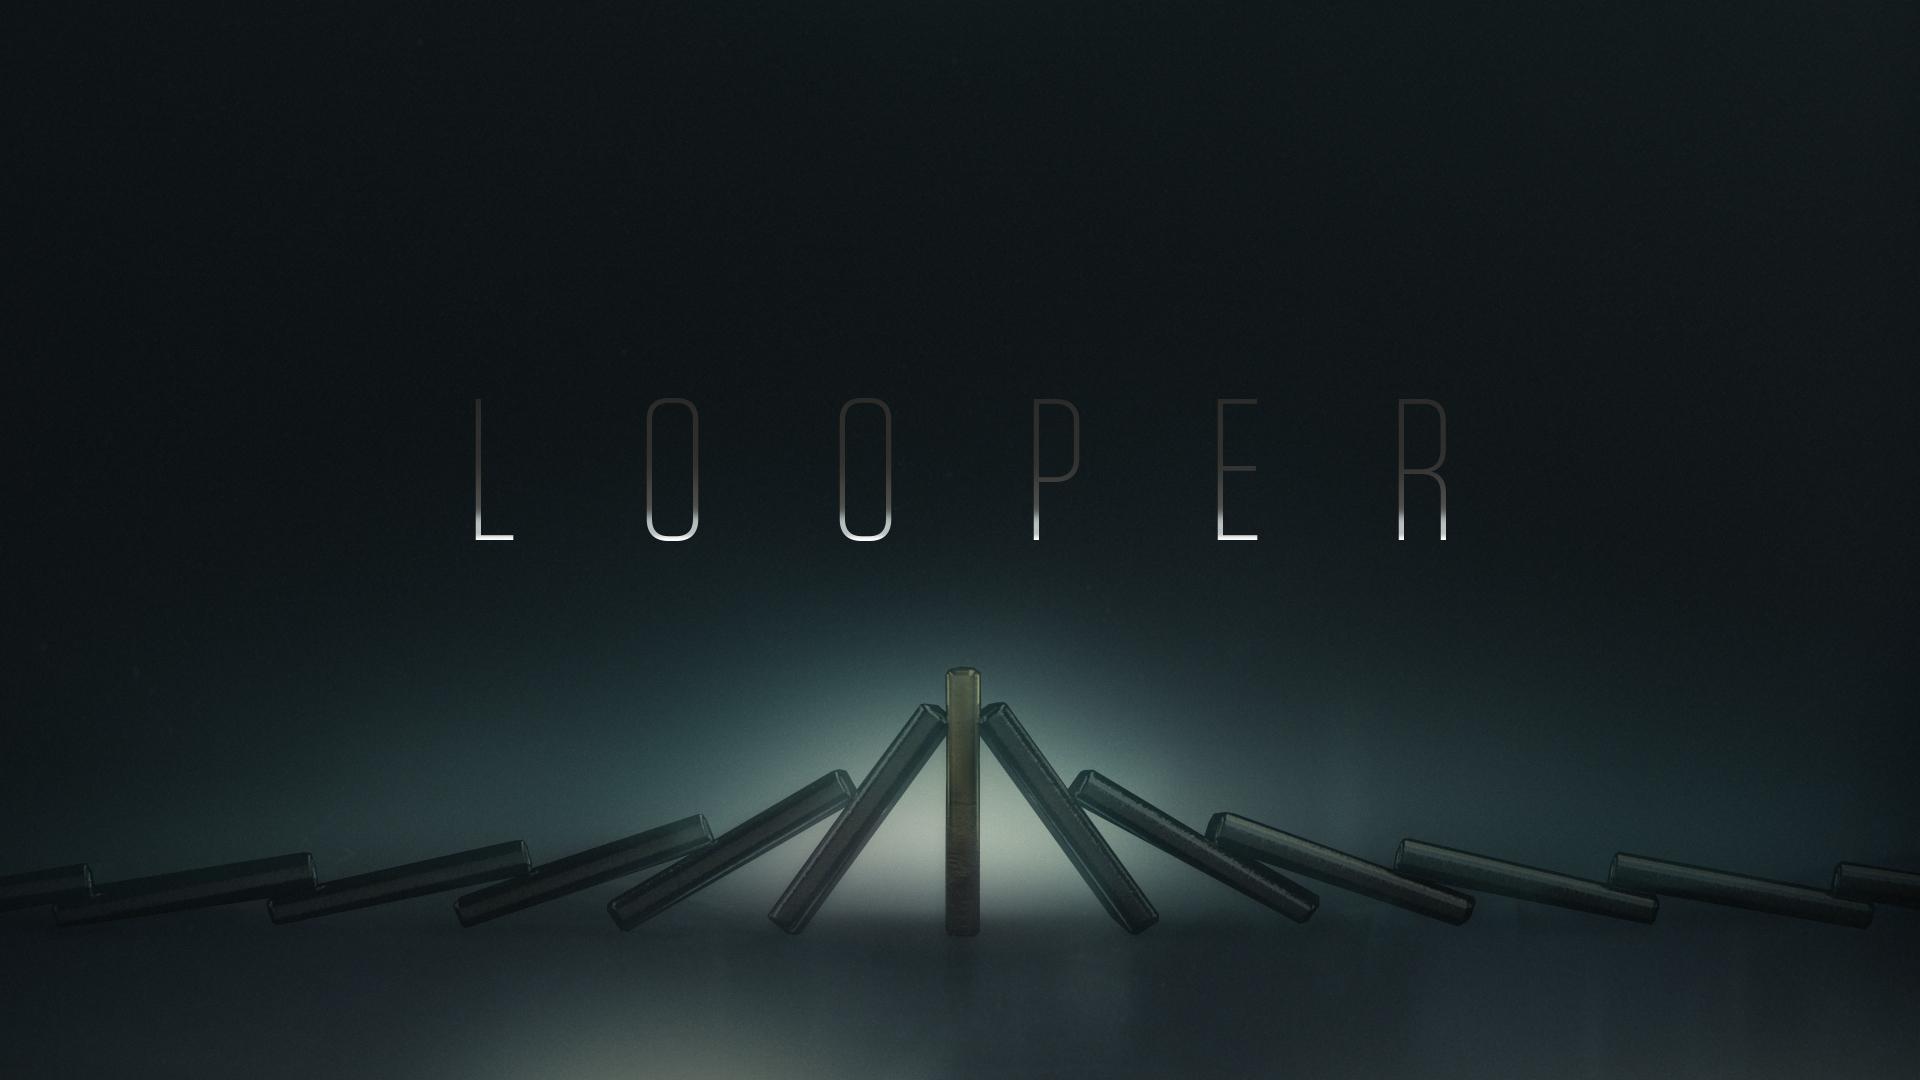 Looper_TitleSM.jpg